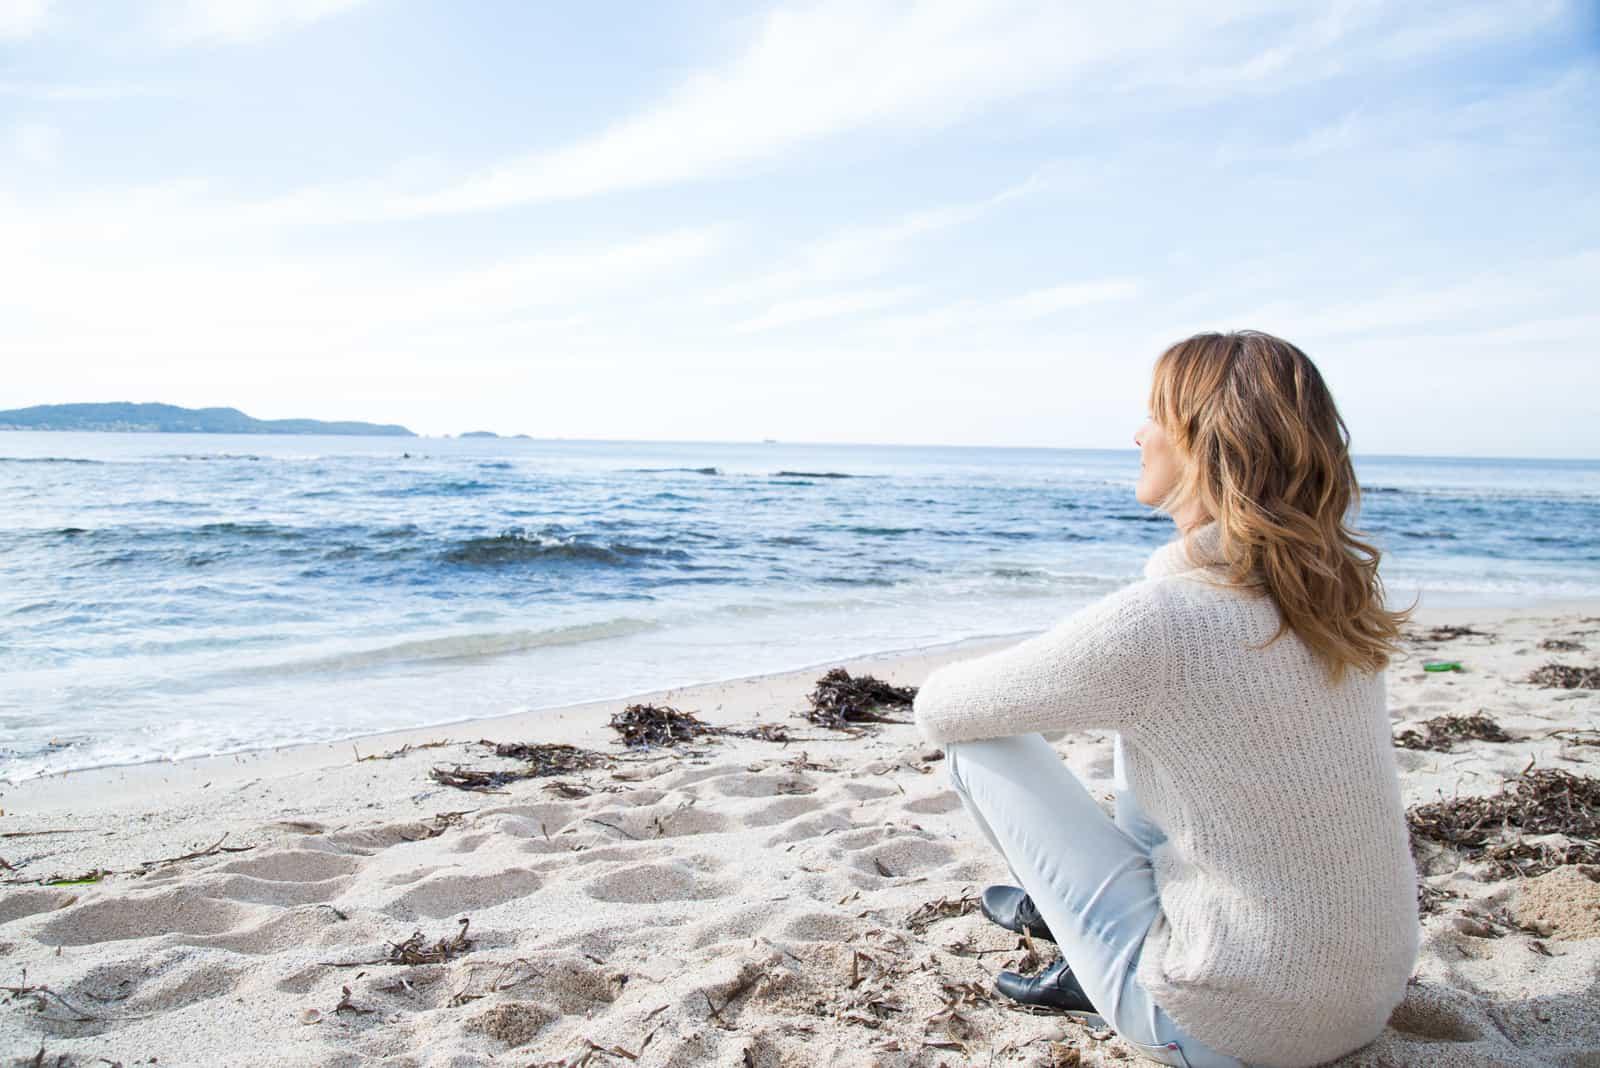 une femme imaginaire assise sur la plage